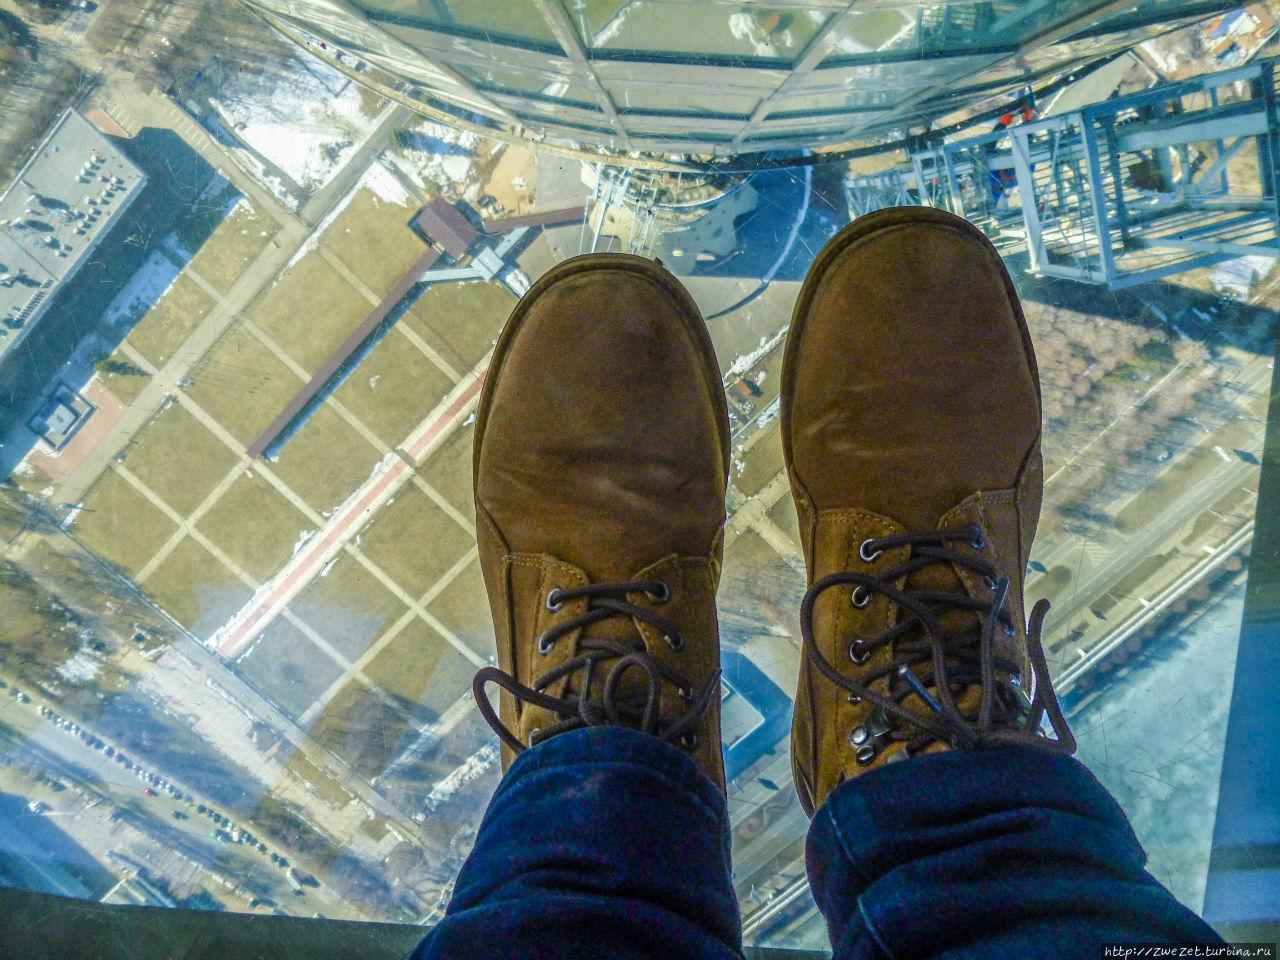 Толстое стекло в полу смотровой площадки может выдержать вес 3000 кг